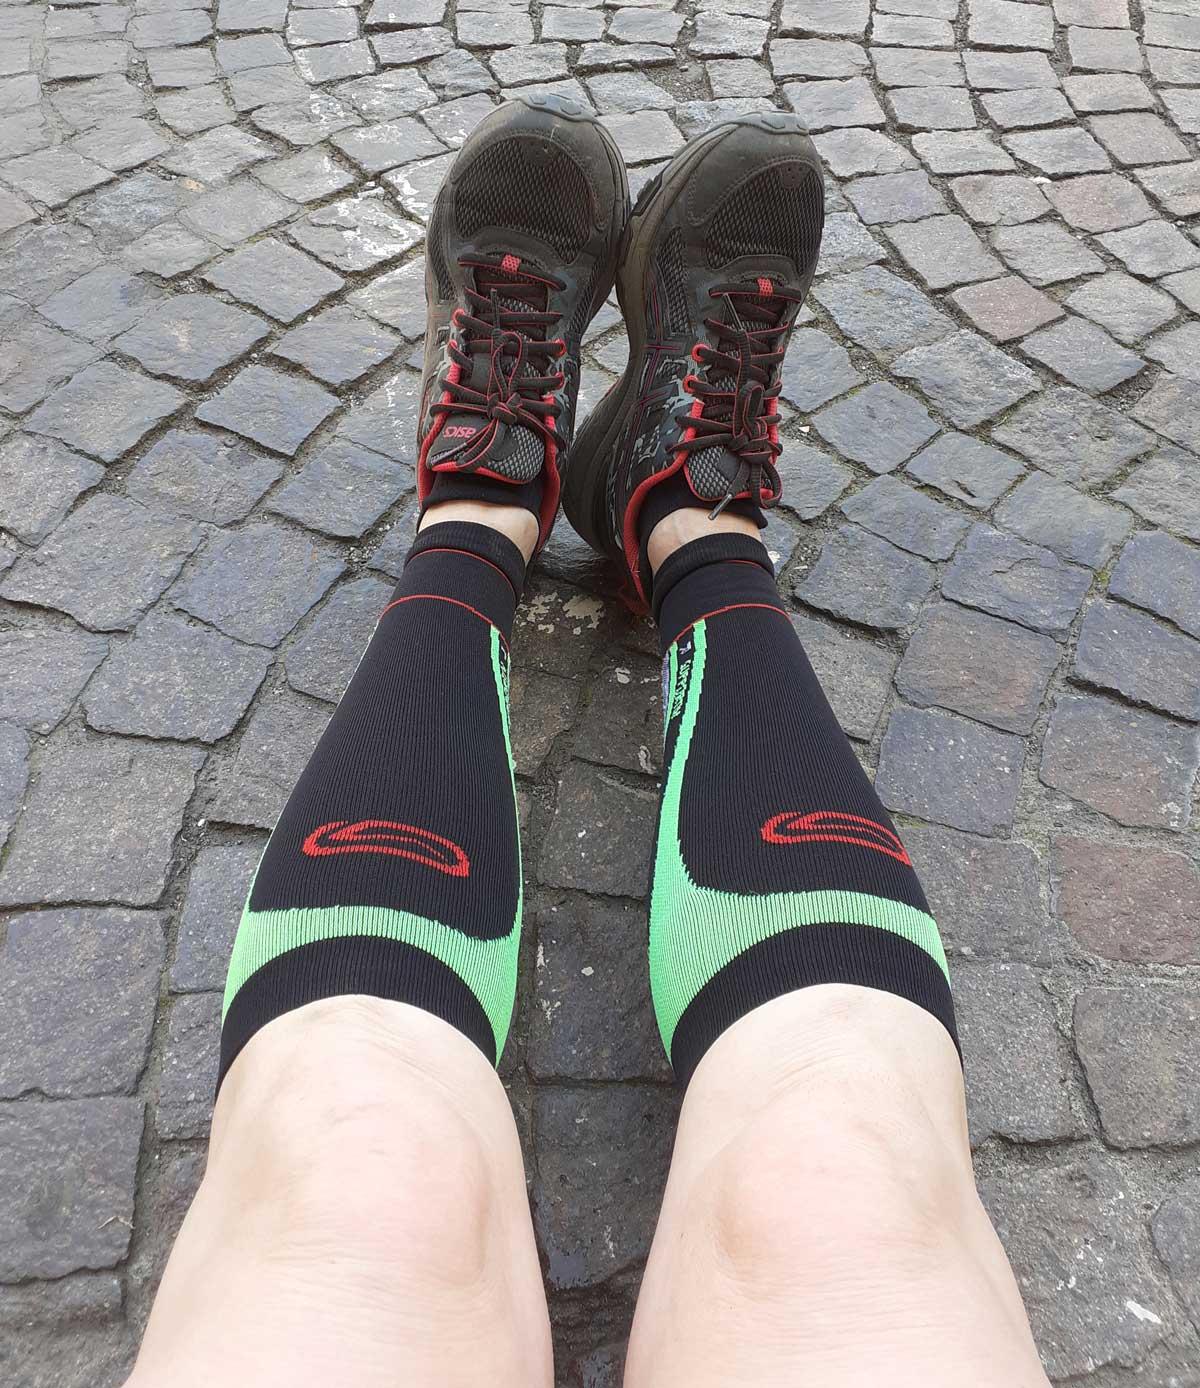 tra gli accessori per correre i gambali per proteggere i polpacci